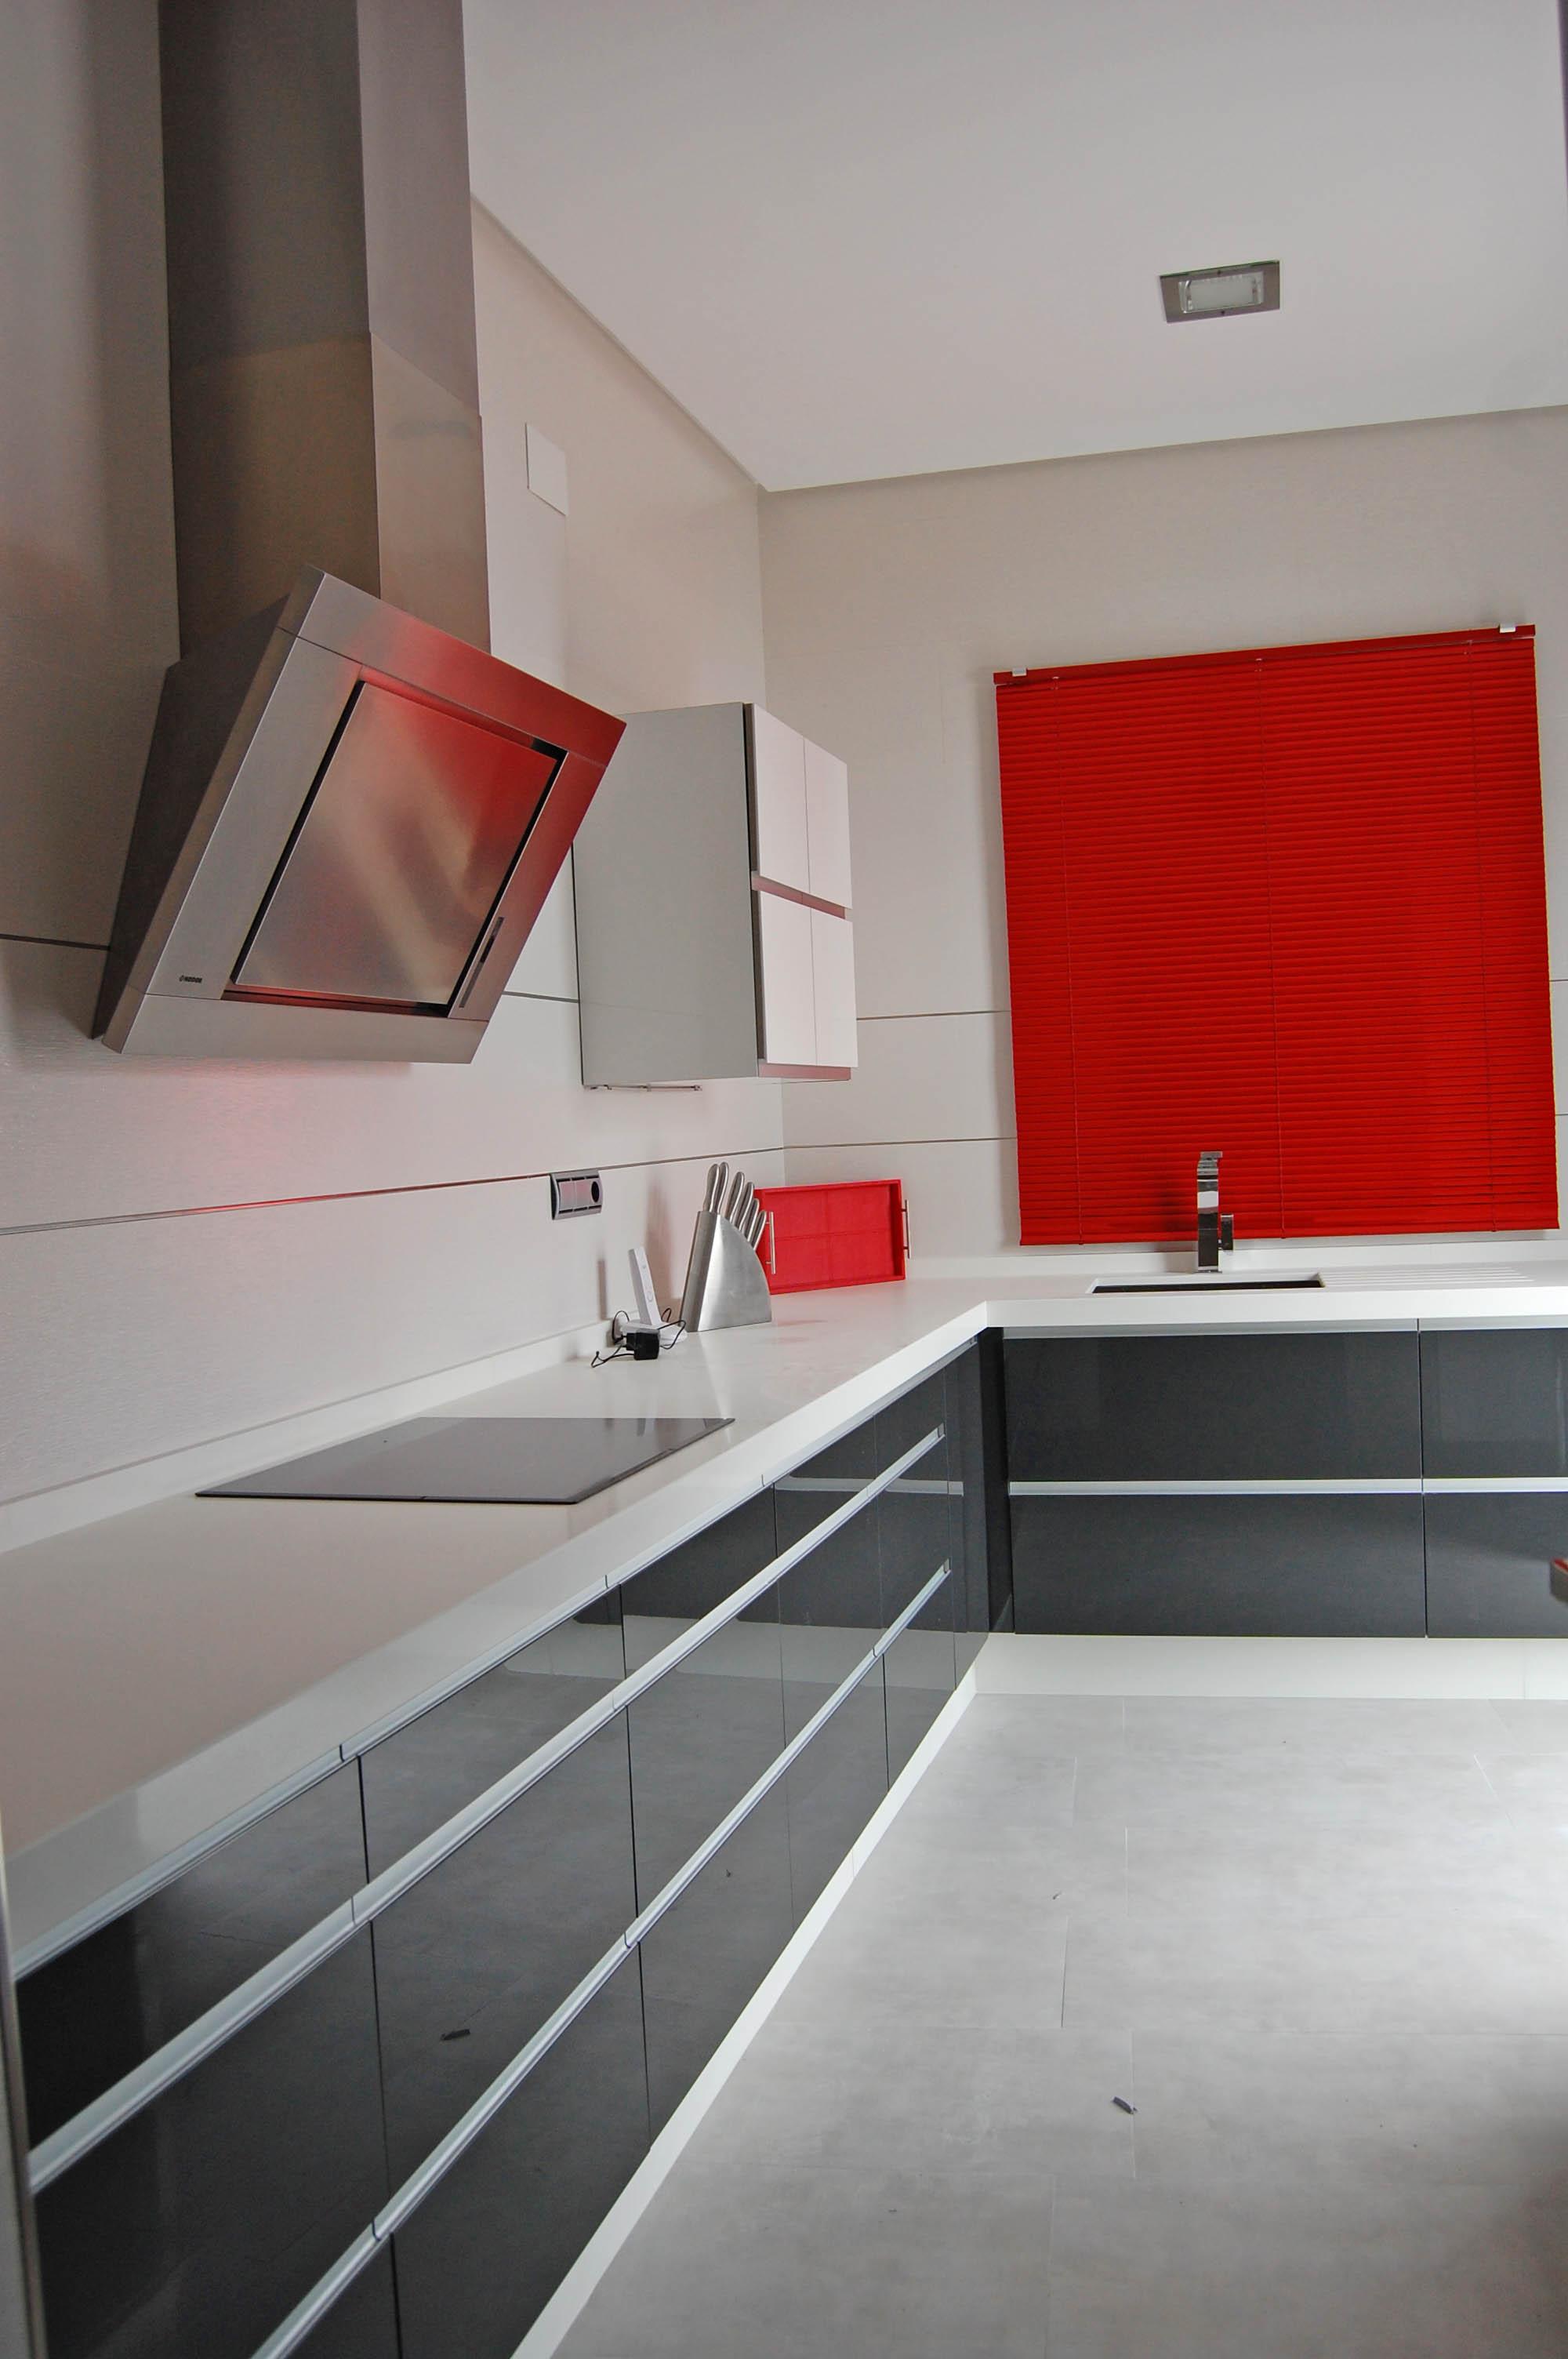 cocina a medida blanca y gris muebles ramycor archivos - APIMAD ...